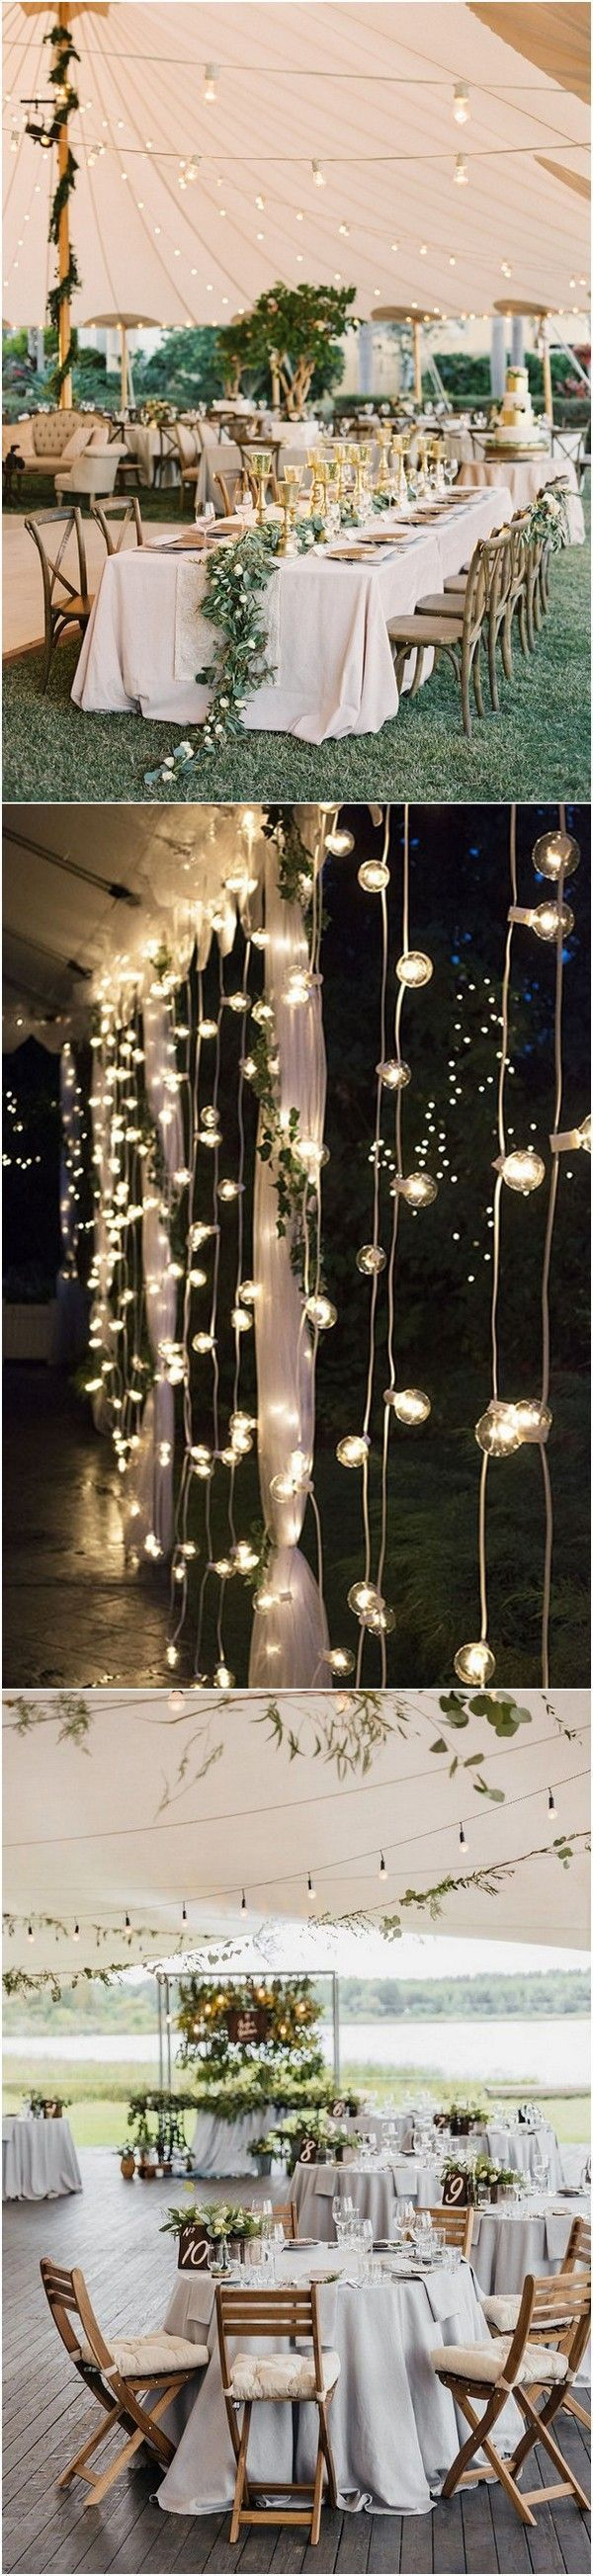 Best 25 wedding reception backdrop ideas on pinterest Hochzeitsdekoration